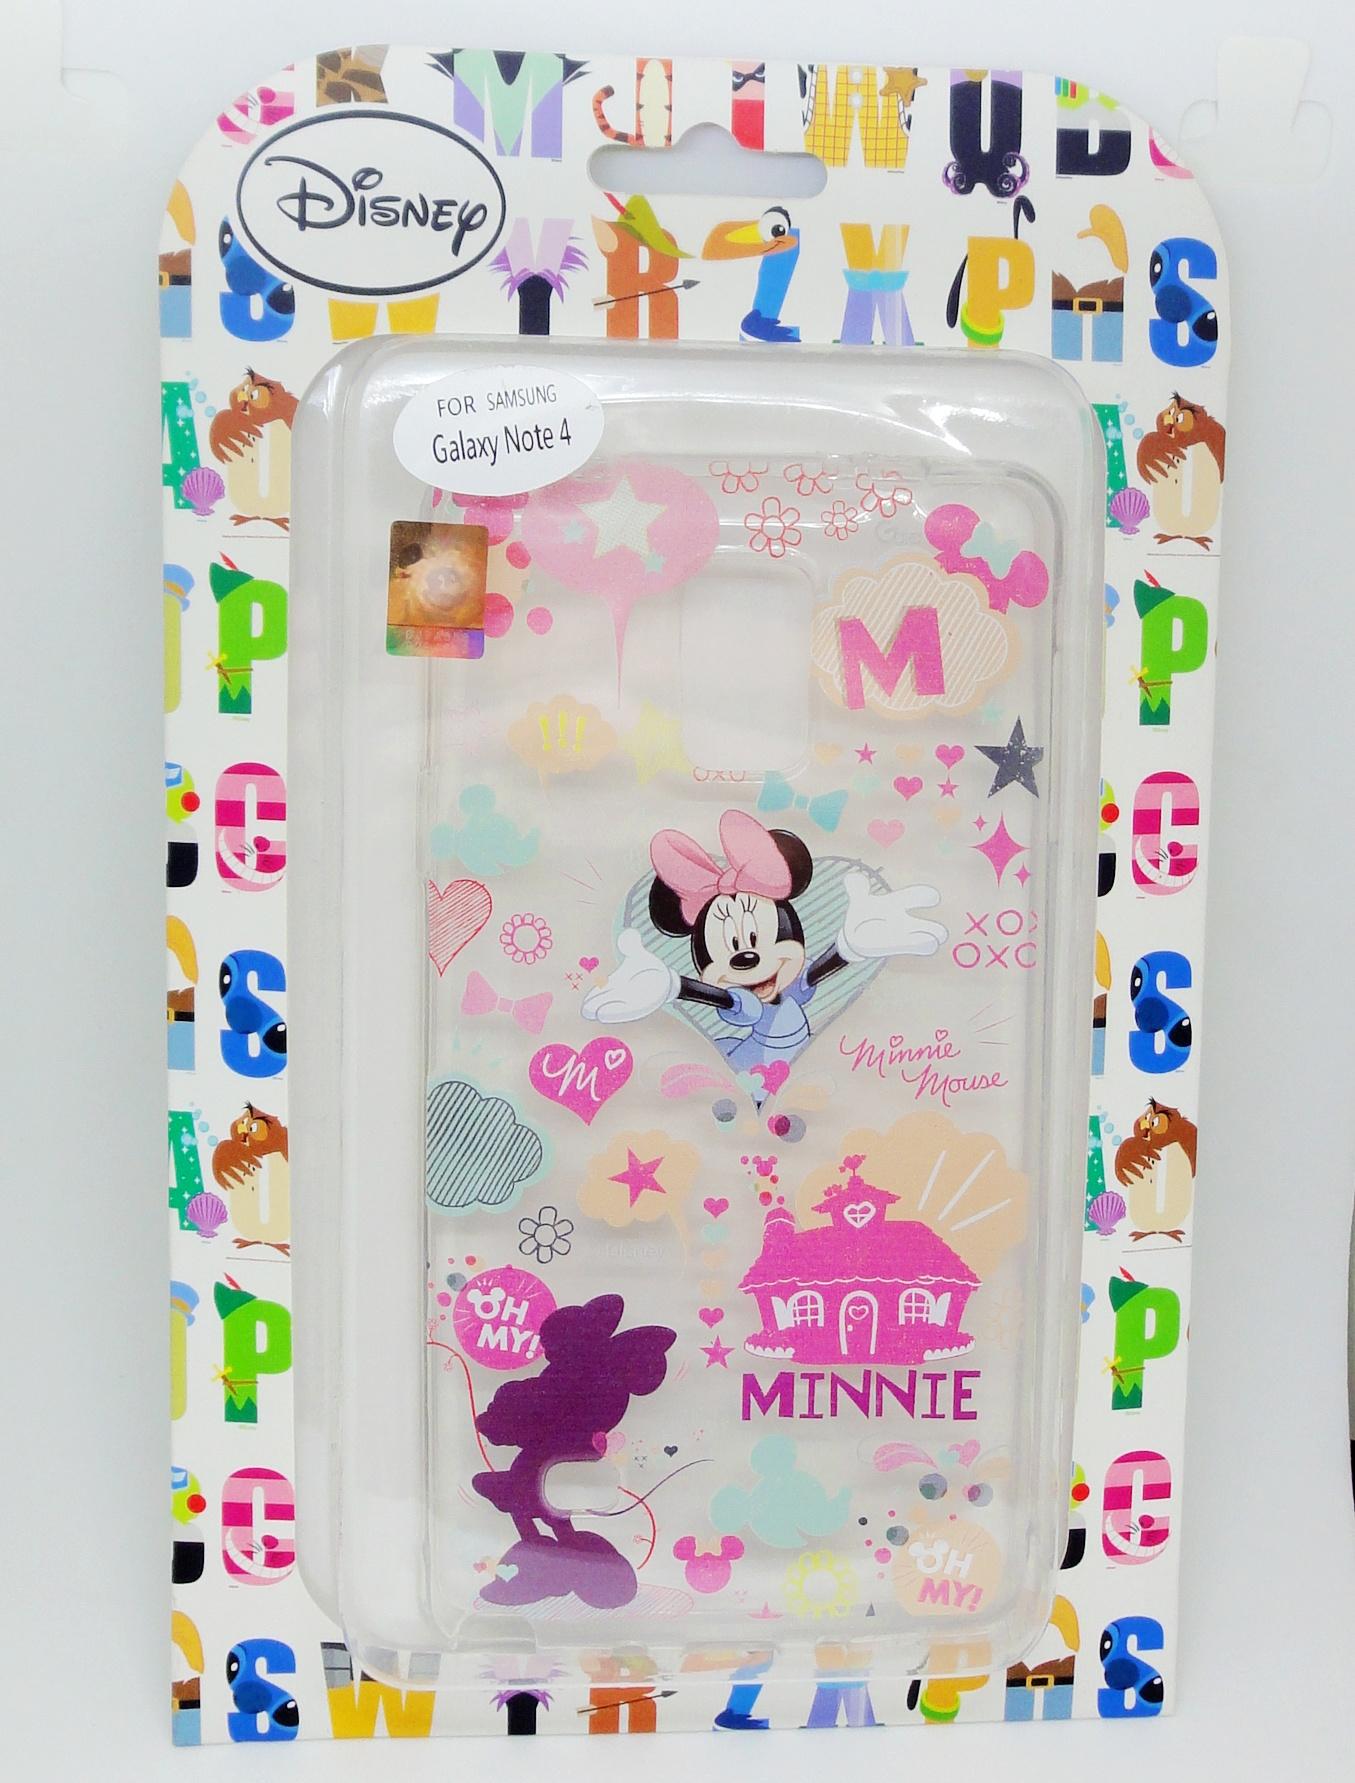 【UNIPRO】三星 NOTE4 N910 迪士尼 米奇 米妮 胡迪 白雪公主小矮人 TPU透明 手機殼 保護套